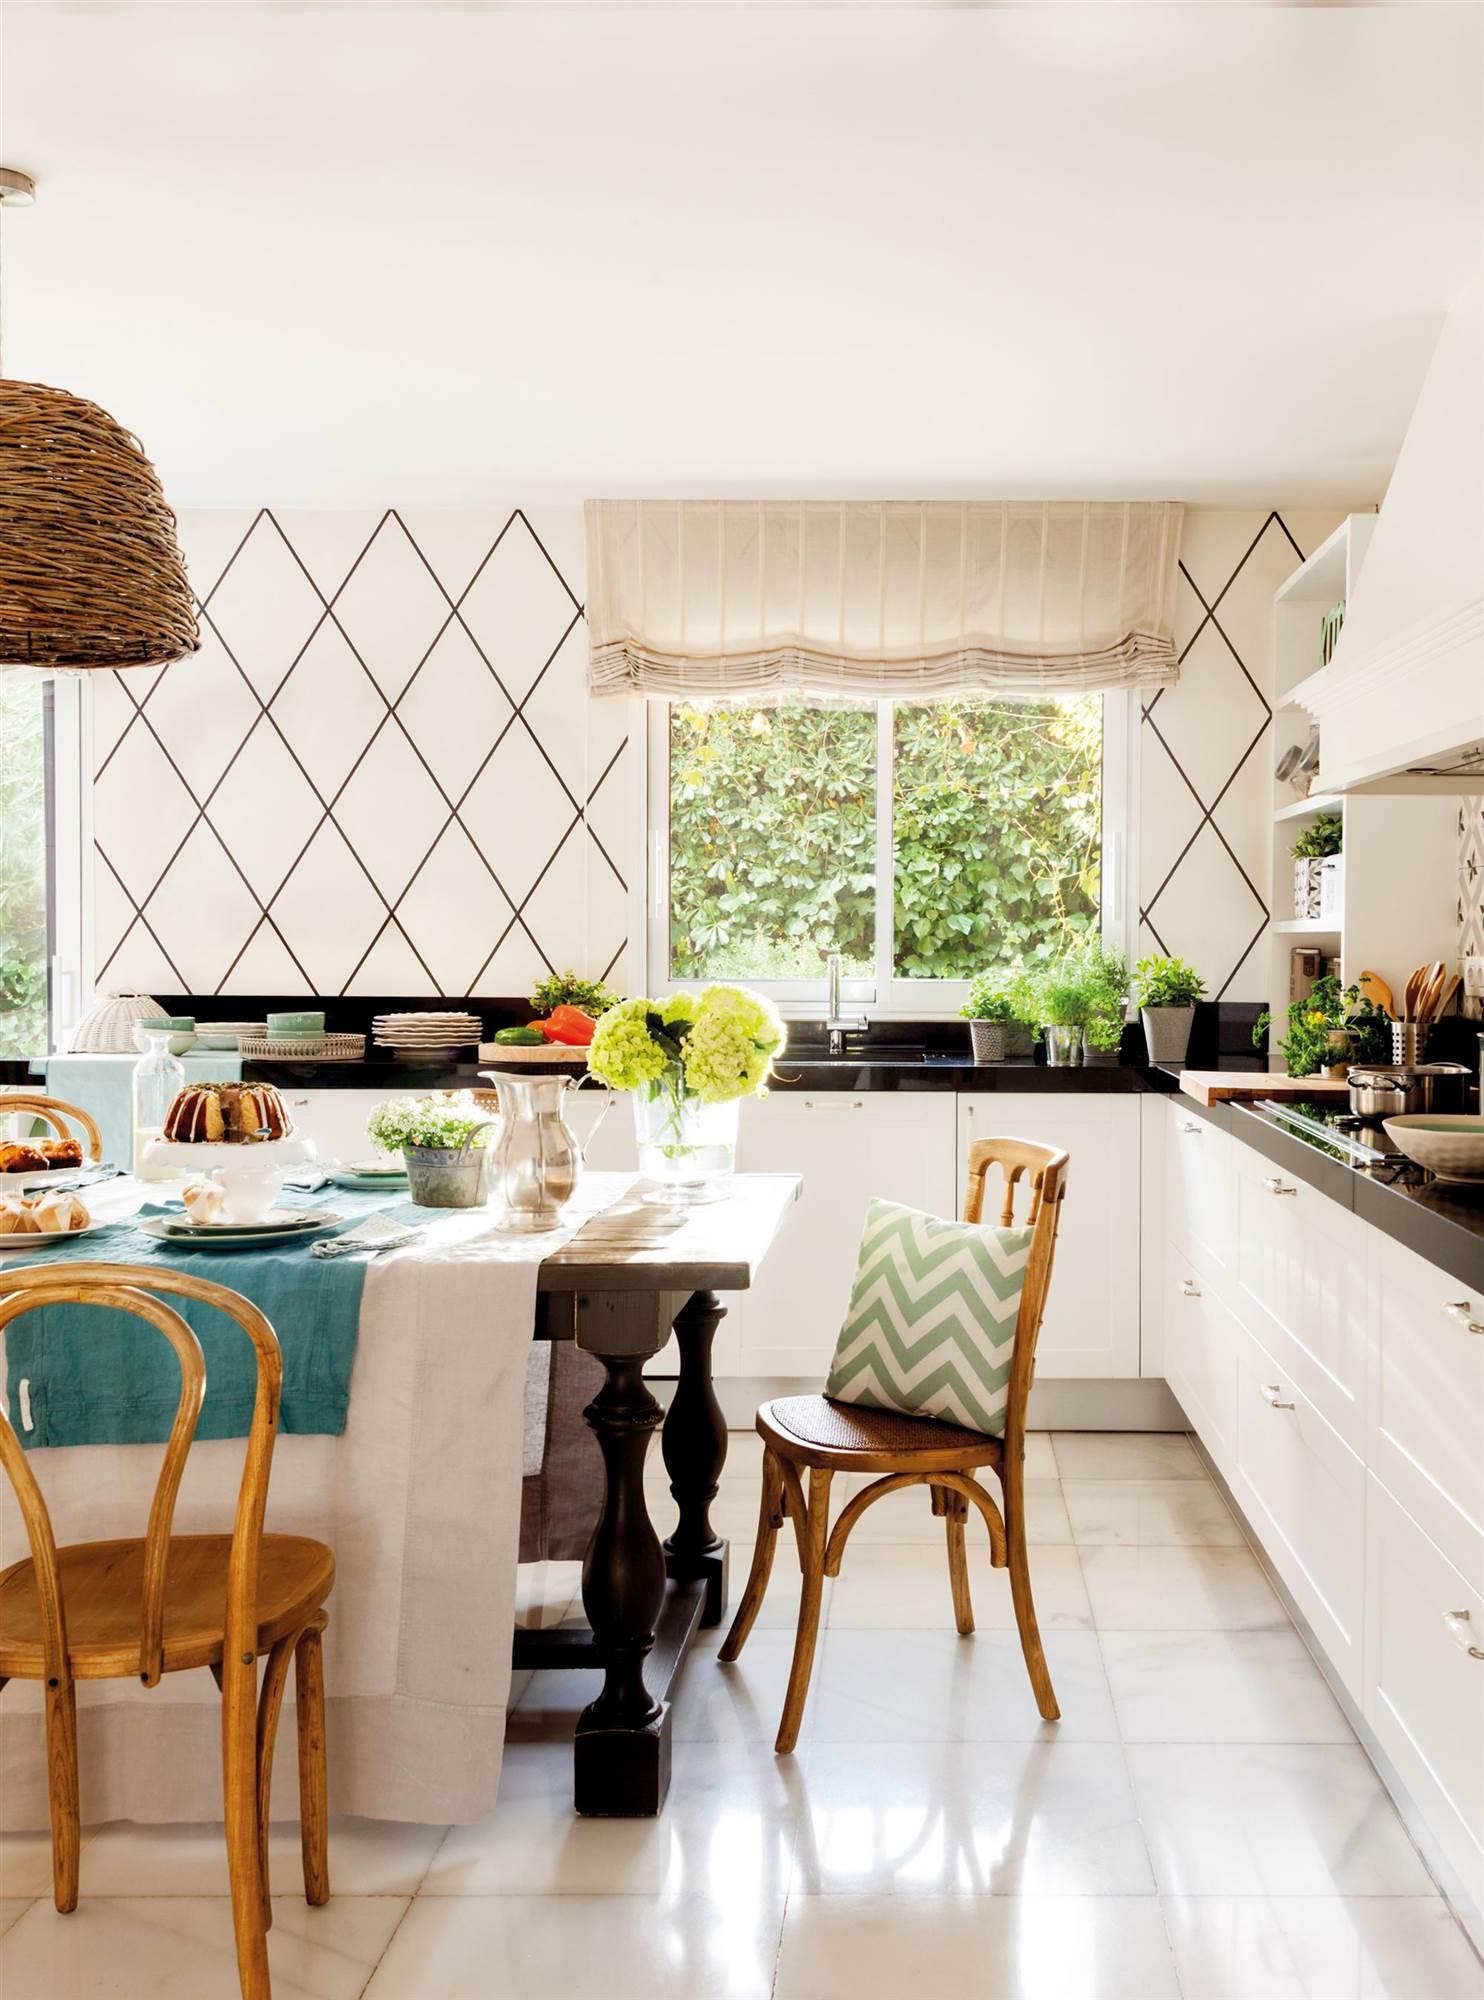 Cocinas muebles decoraci n dise o blancas o peque as - Papel pintado en cocina ...